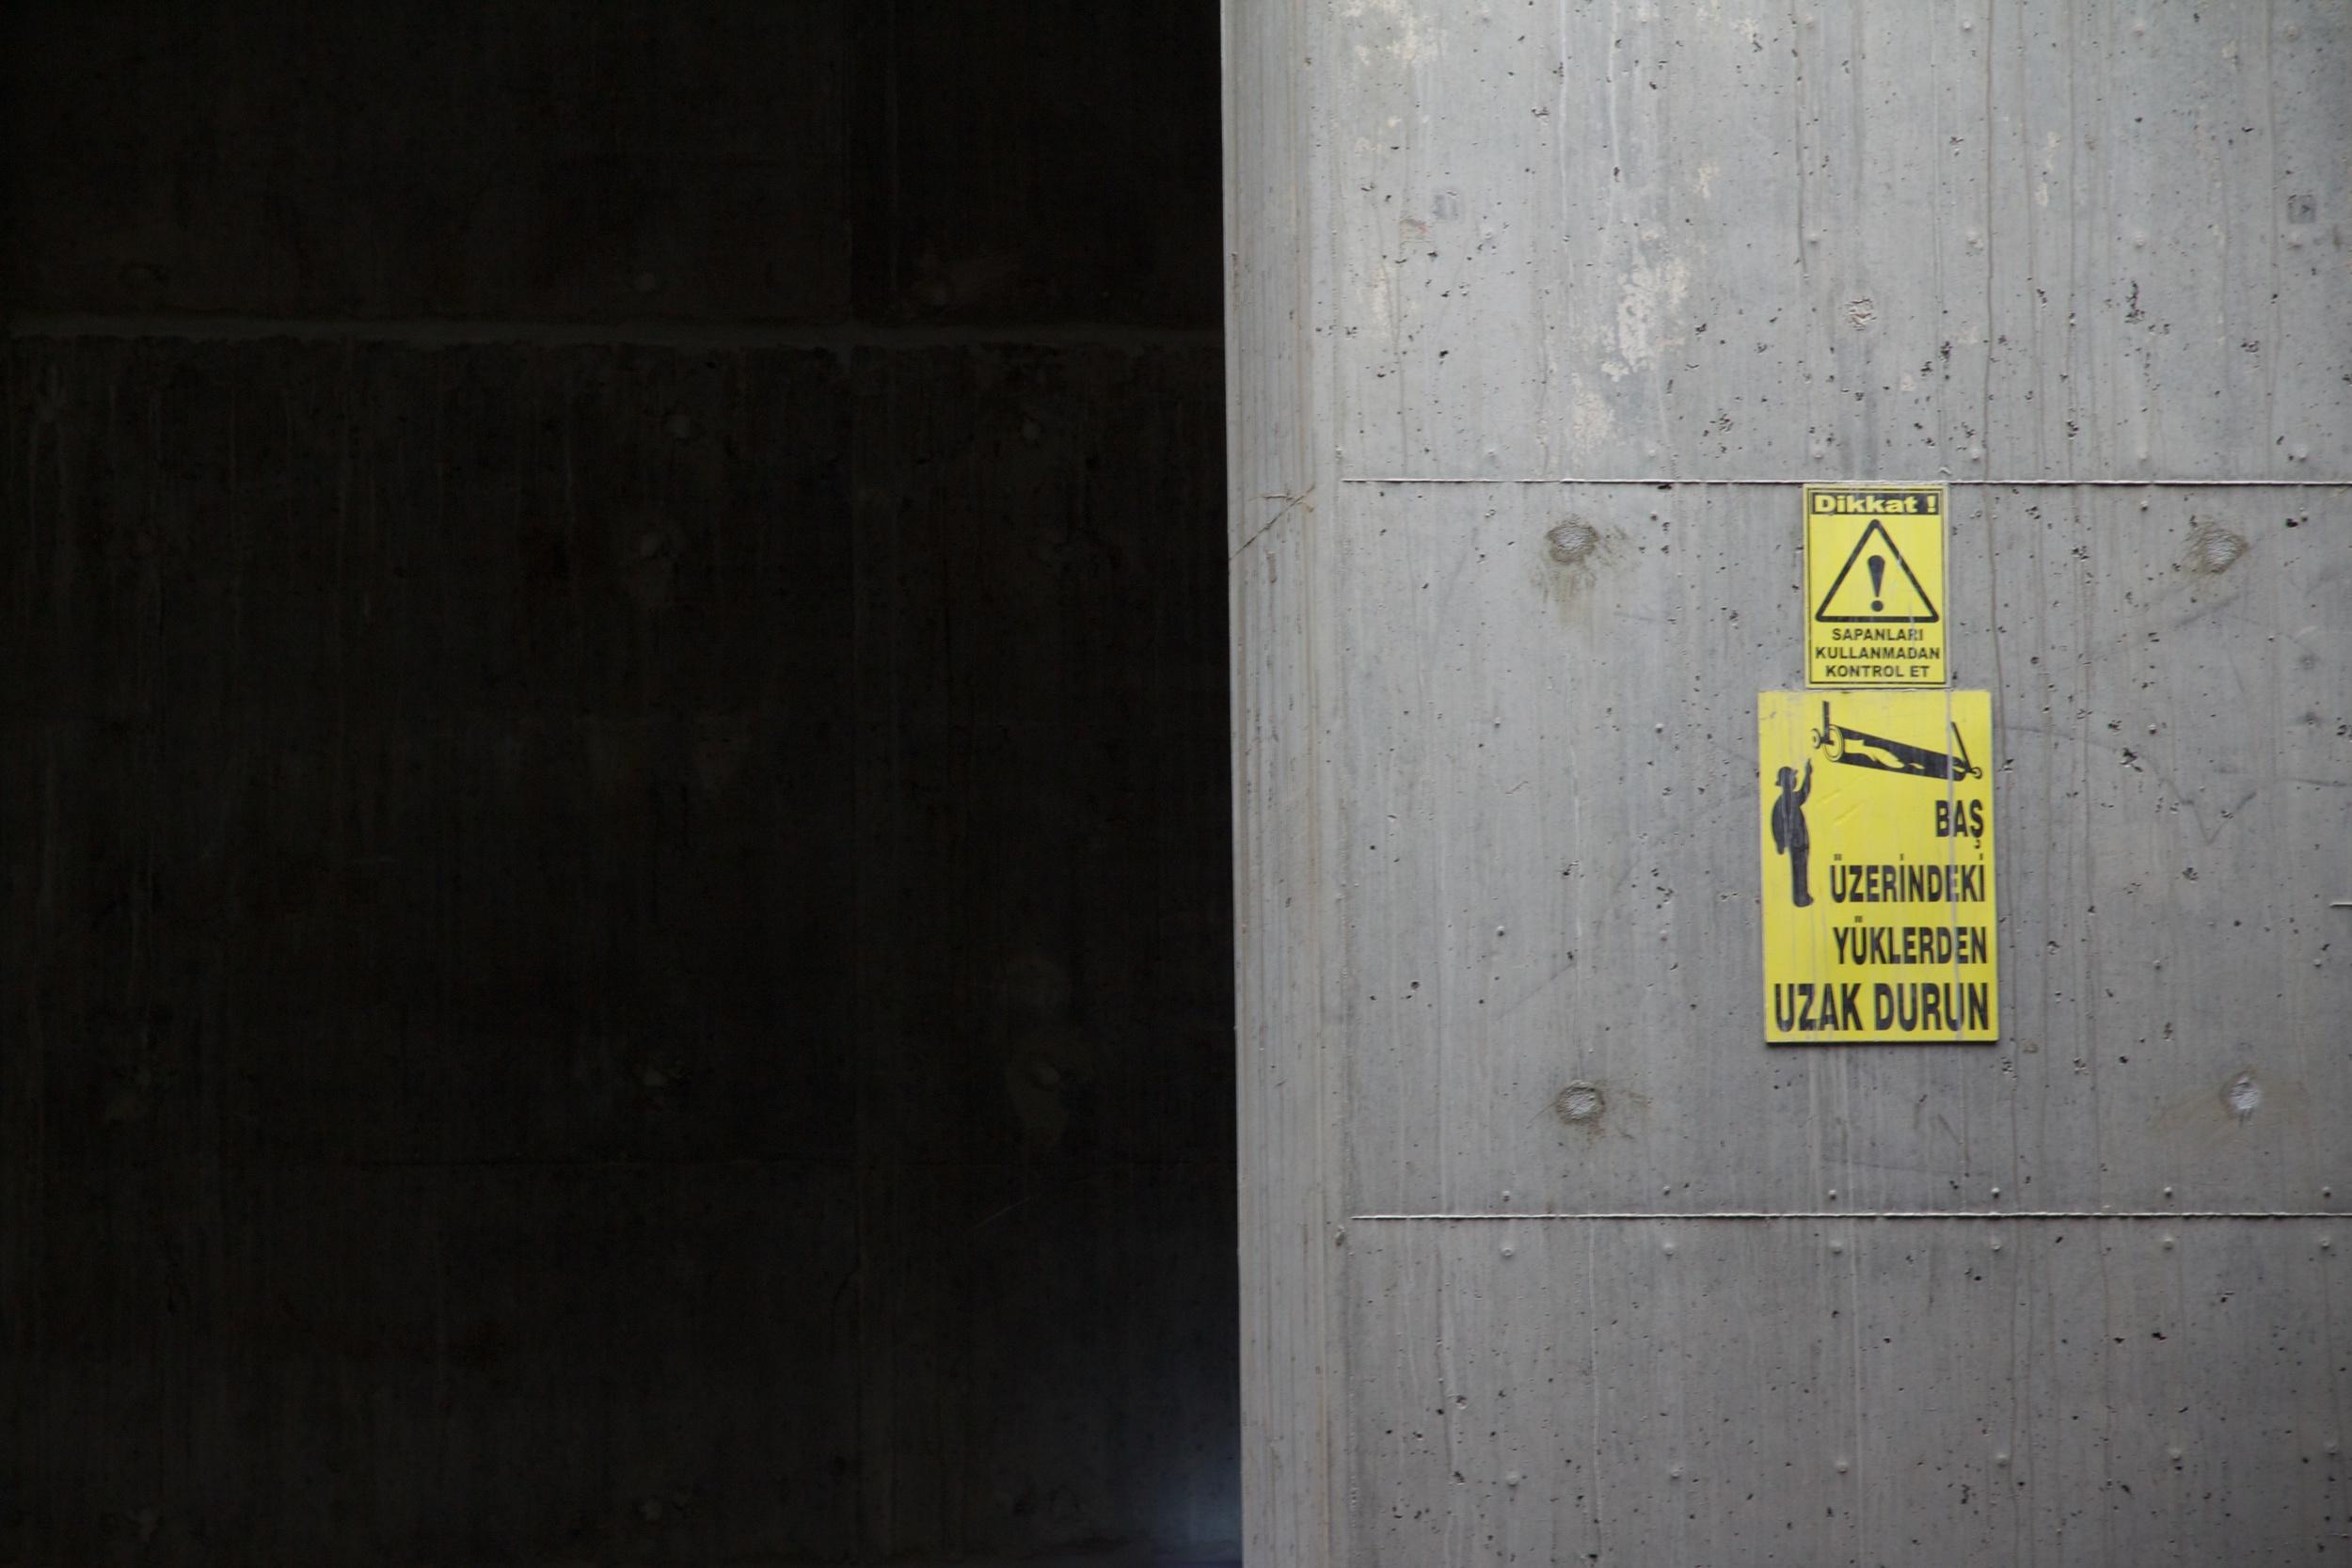 """""""Ne vous placez pas sous les objets lourds"""", Construction de la ligne de métro Marmaray. Photo : Erinç Salor"""